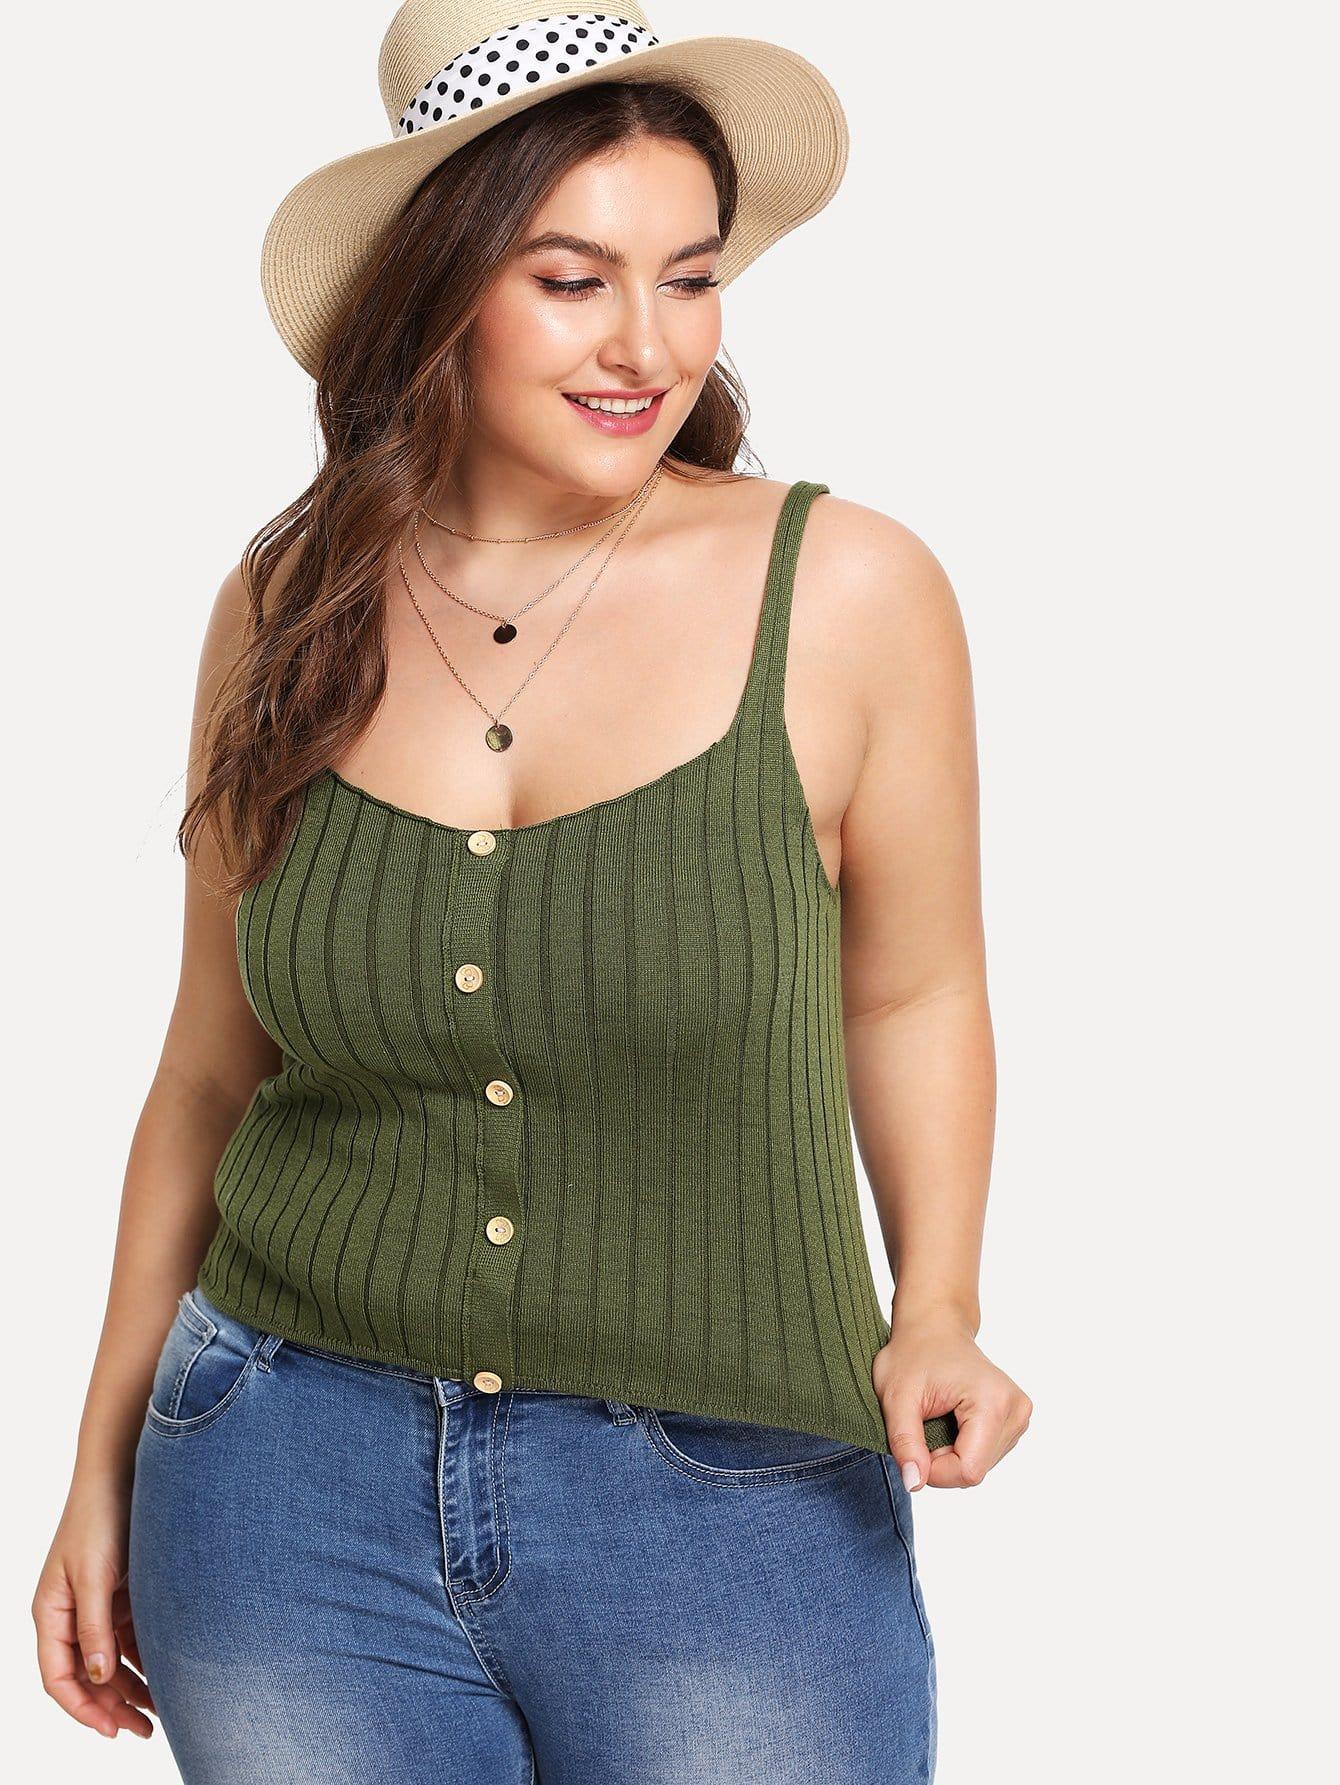 Plus-size clothing - Wikipedia 54